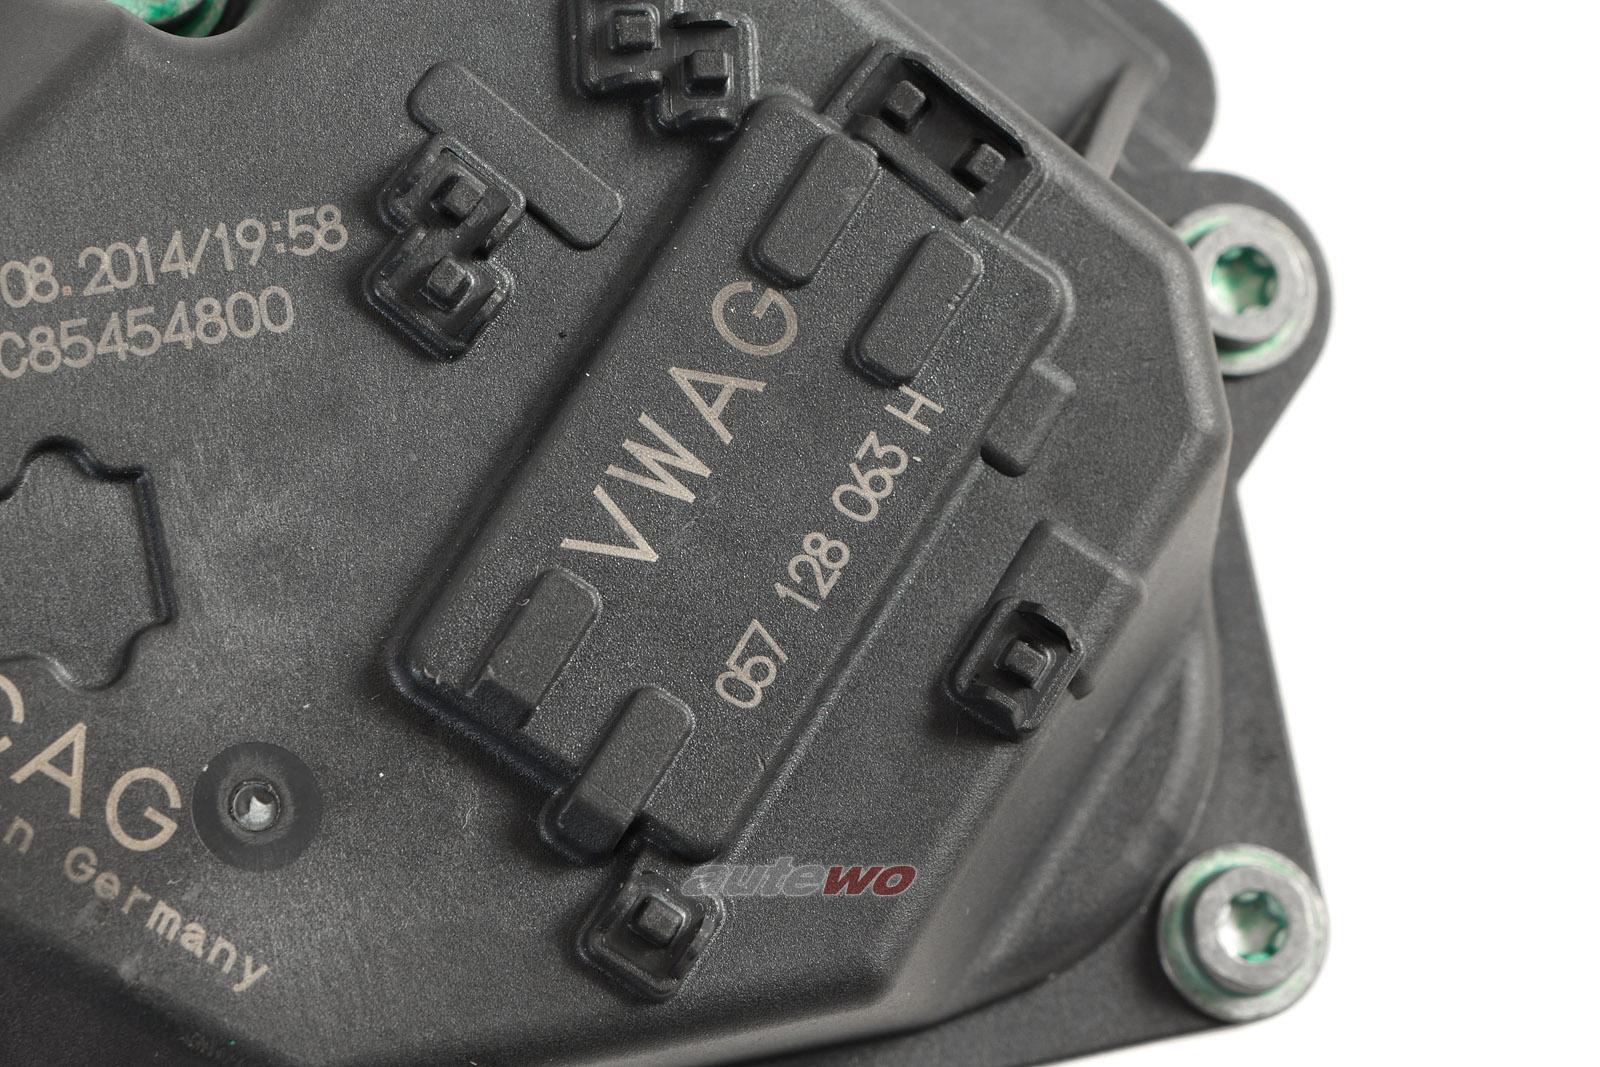 057128063H NEU Audi A8 D4/4H 4.2l TDI Drosselklappe Links/Rechts (identisch!)